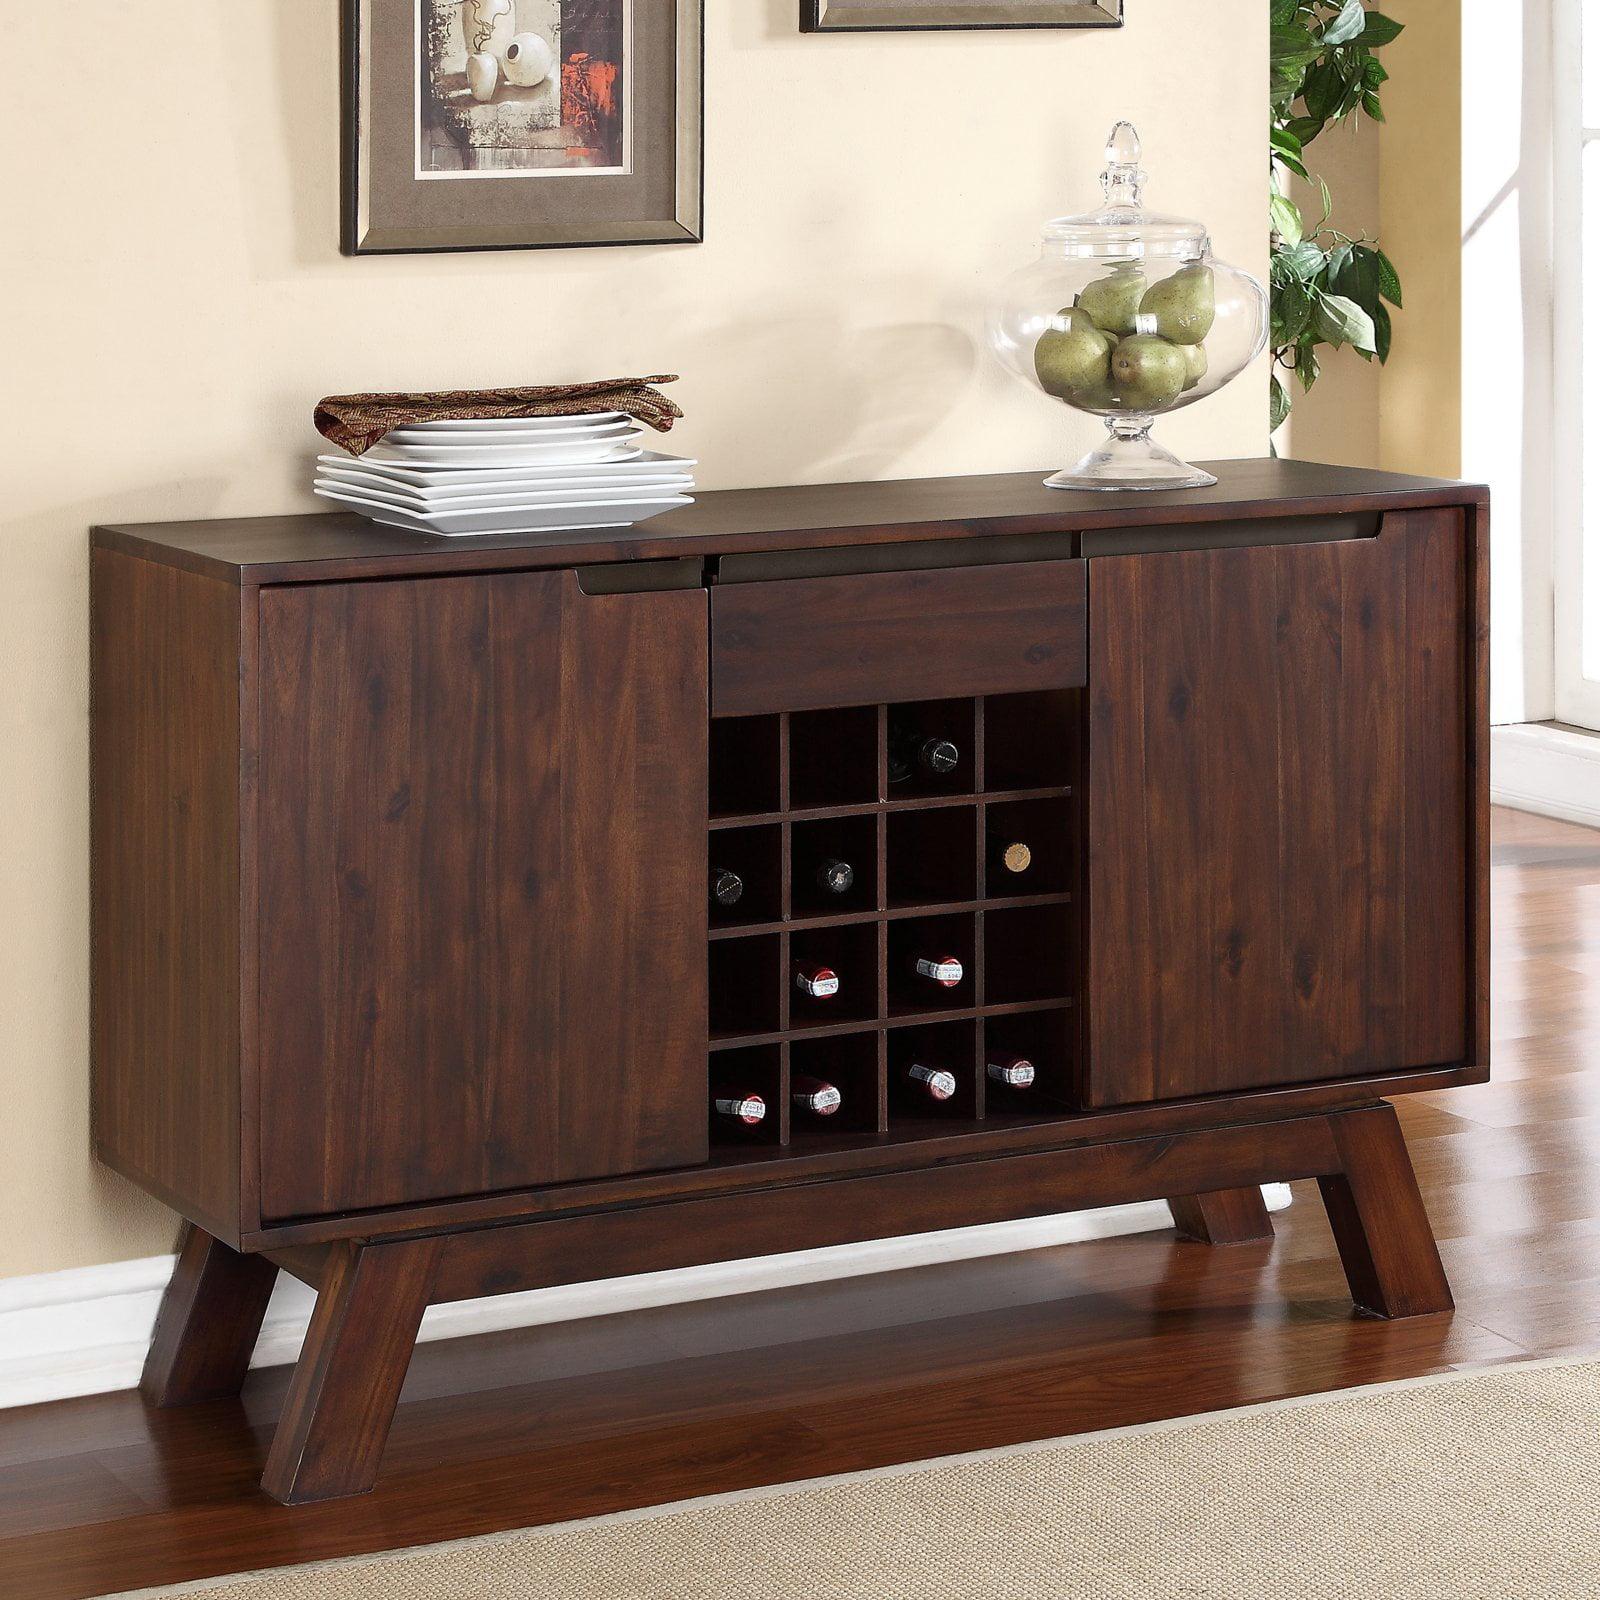 Modus Portland Solid Wood Sideboard Medium Walnut by Modus Furniture